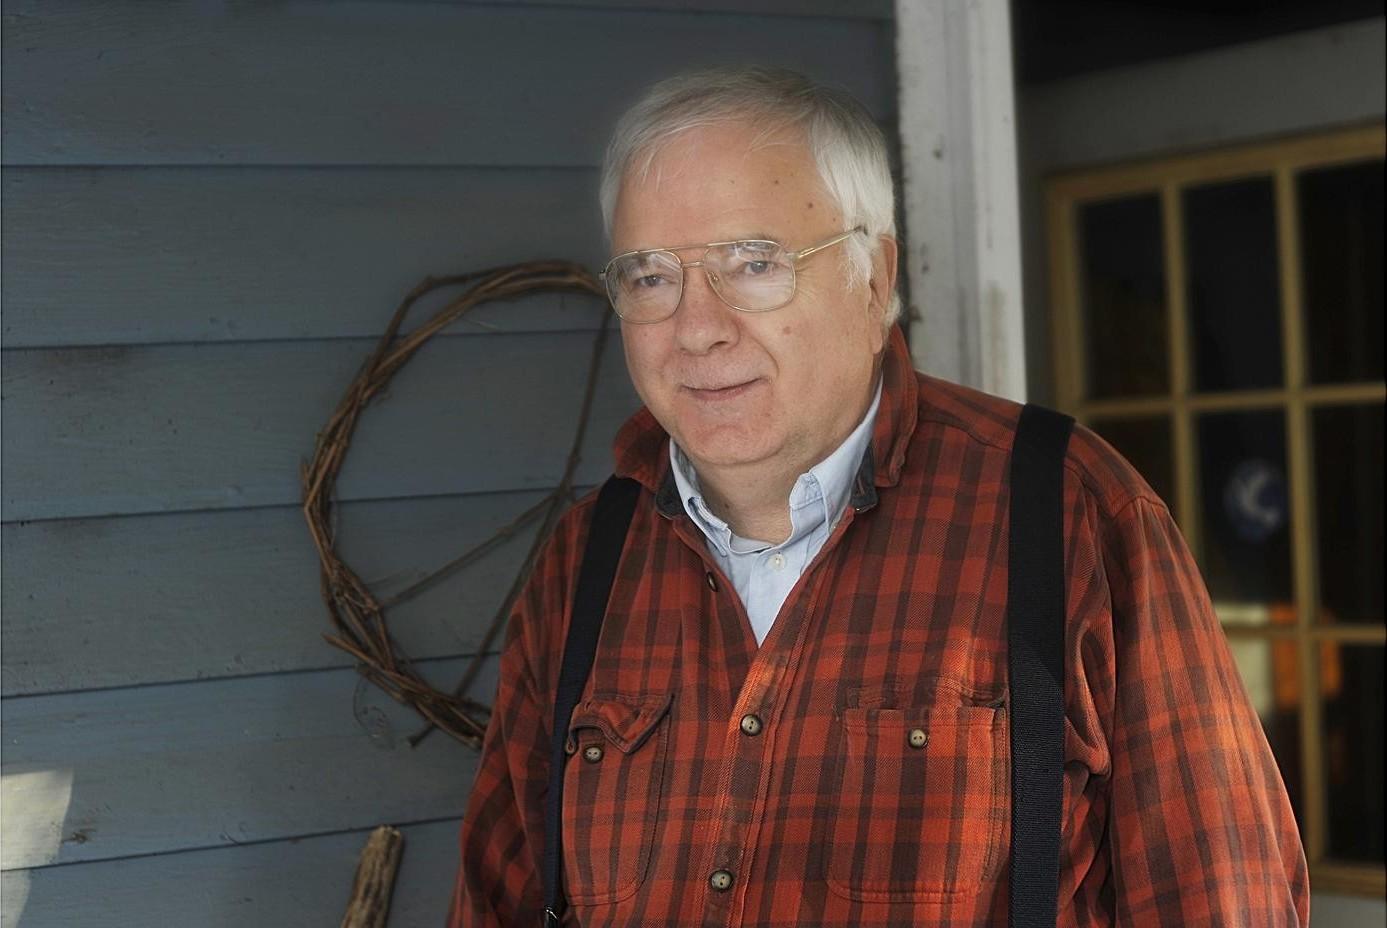 Bob Elmendorf